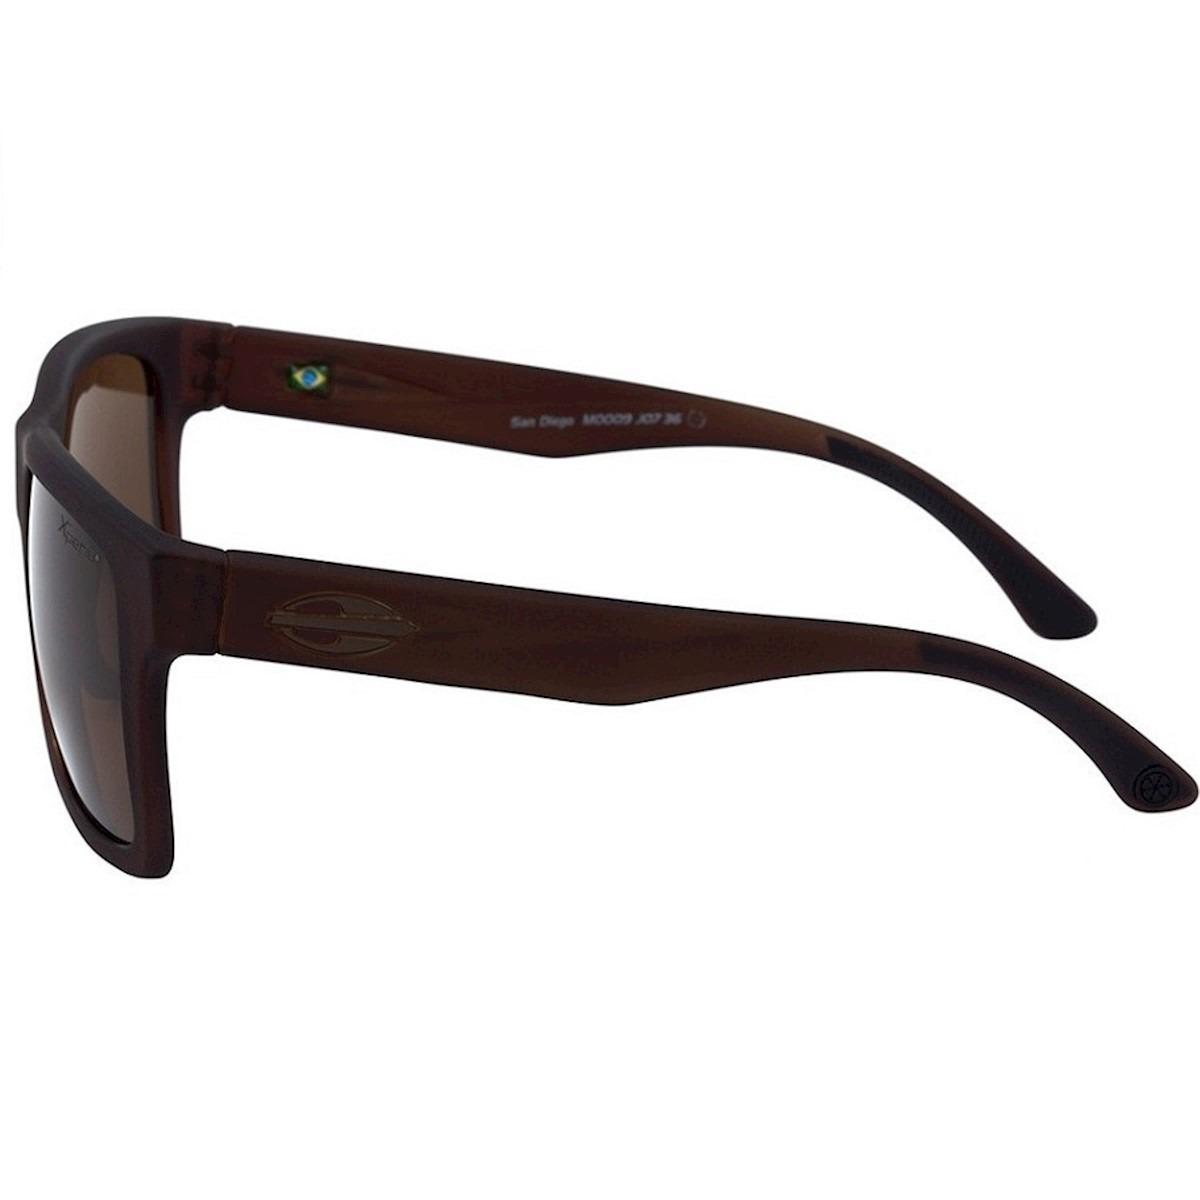 159805764a325 óculos de sol mormaii san diego polarizado marrom fosco tran. Carregando  zoom.